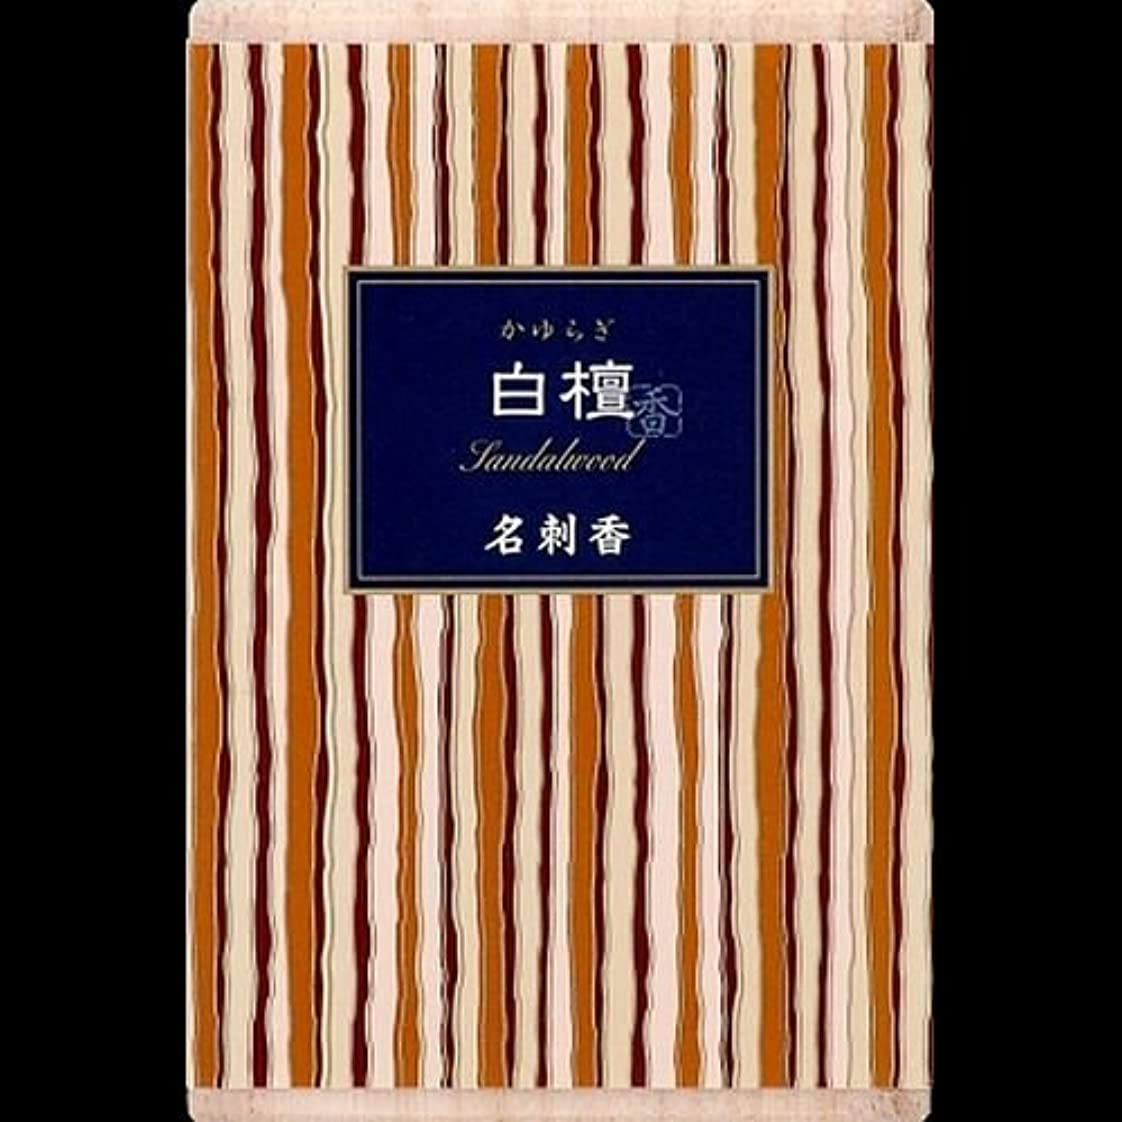 石灰岩帰する強制的【まとめ買い】かゆらぎ 白檀 名刺香 桐箱 6入 ×2セット